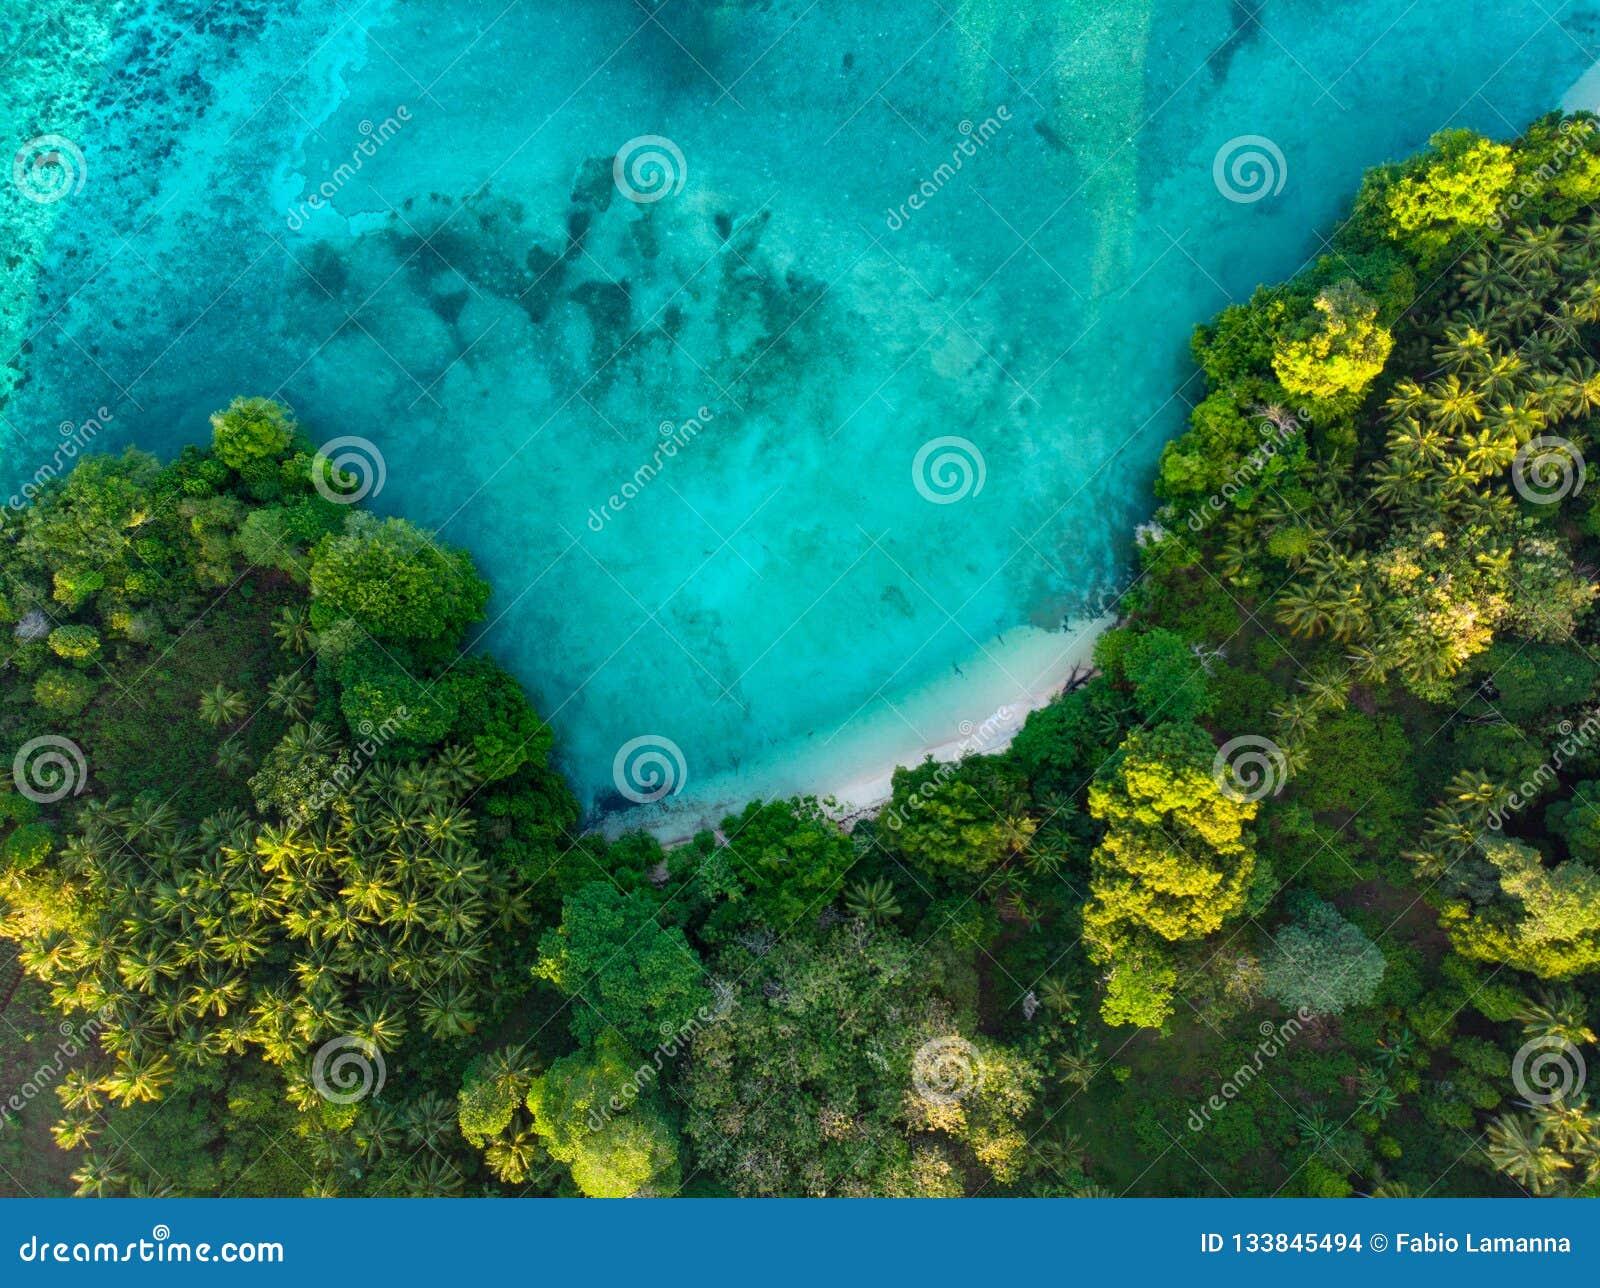 在看法热带天堂原始海滩雨林蓝色盐水湖下的空中上面Banda海岛的,Pulau Ay 印度尼西亚摩鹿加群岛